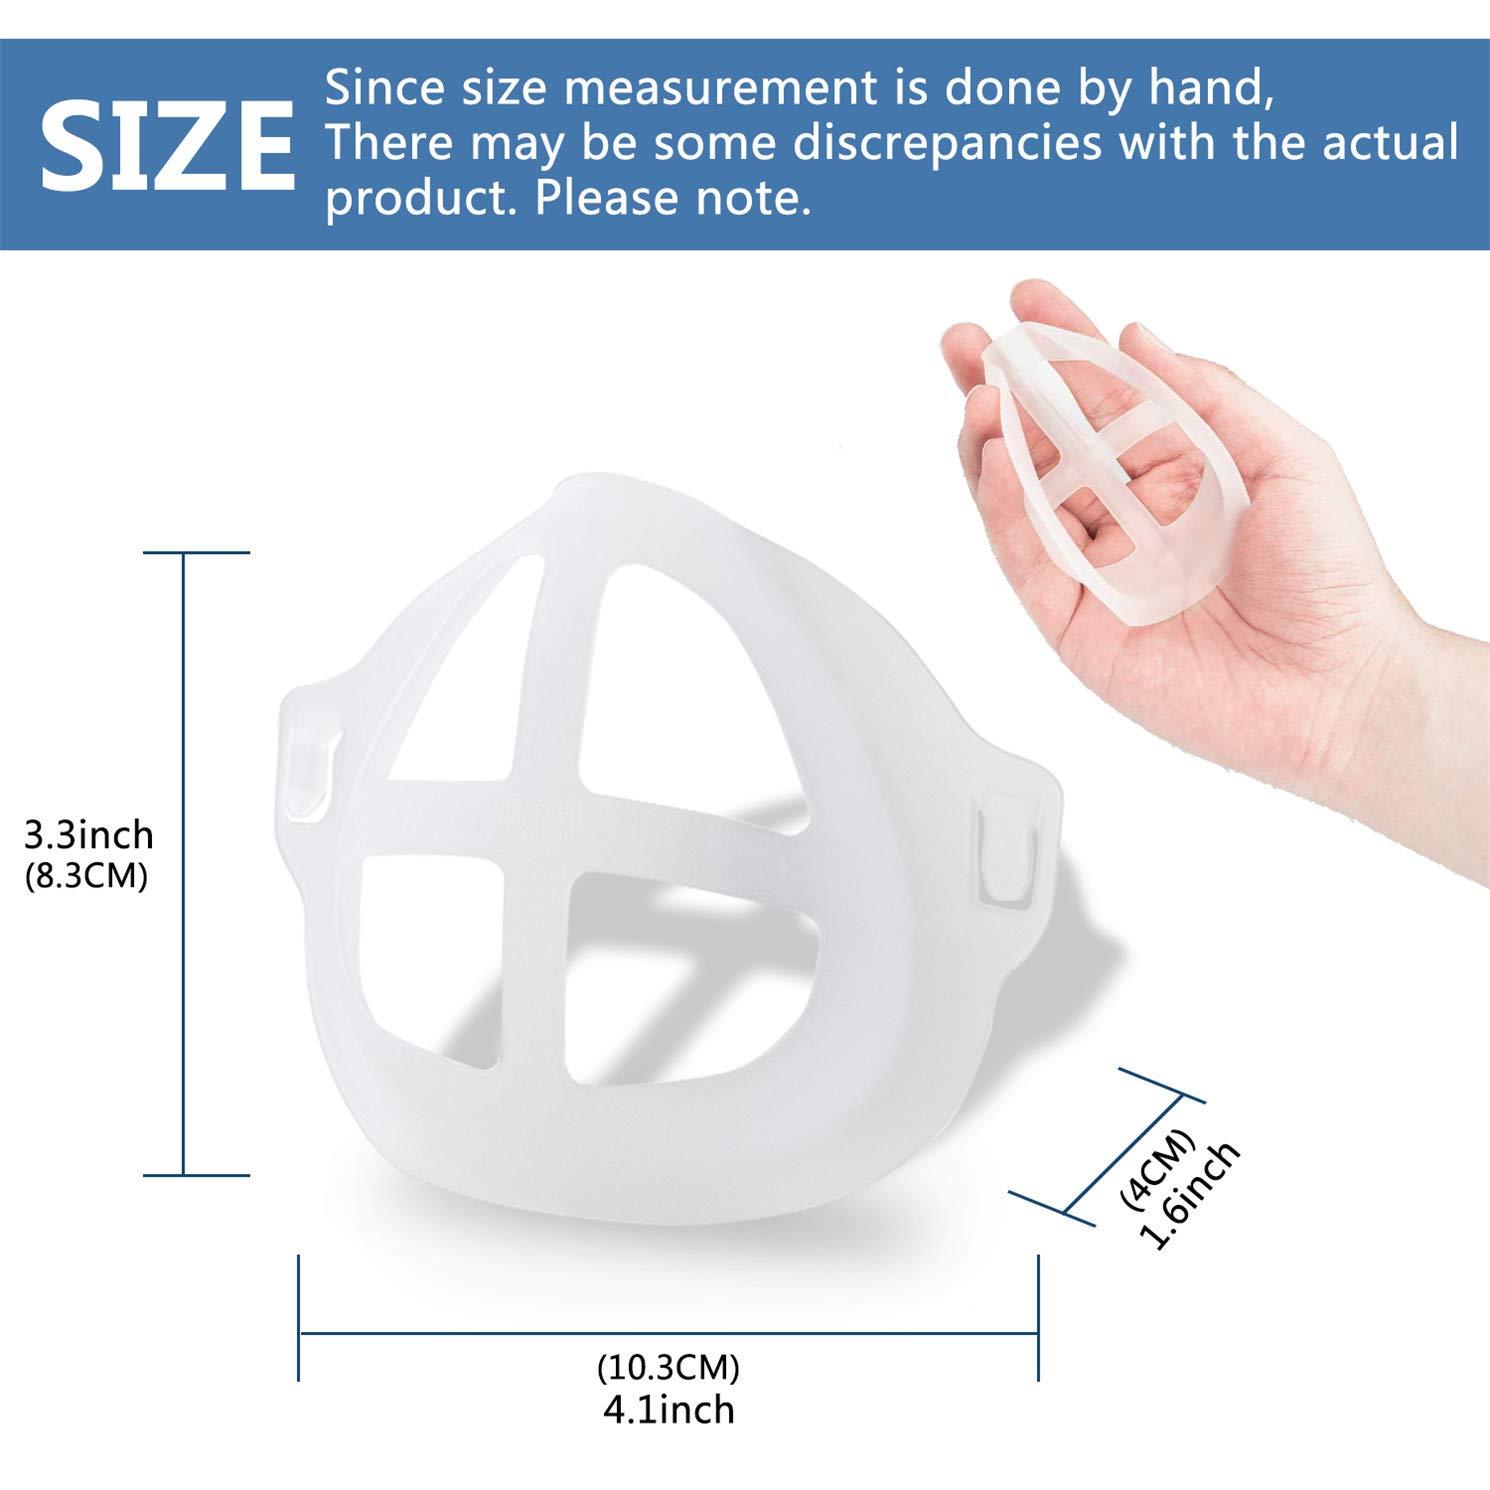 Rahmen f/ür Nase und Atmung erweitern Sie den Atemraum eiuEQIU 3D Holder Mundschutz interner Halter kleben Sie keinen Lippenstift auf Lipstick Protection Stand